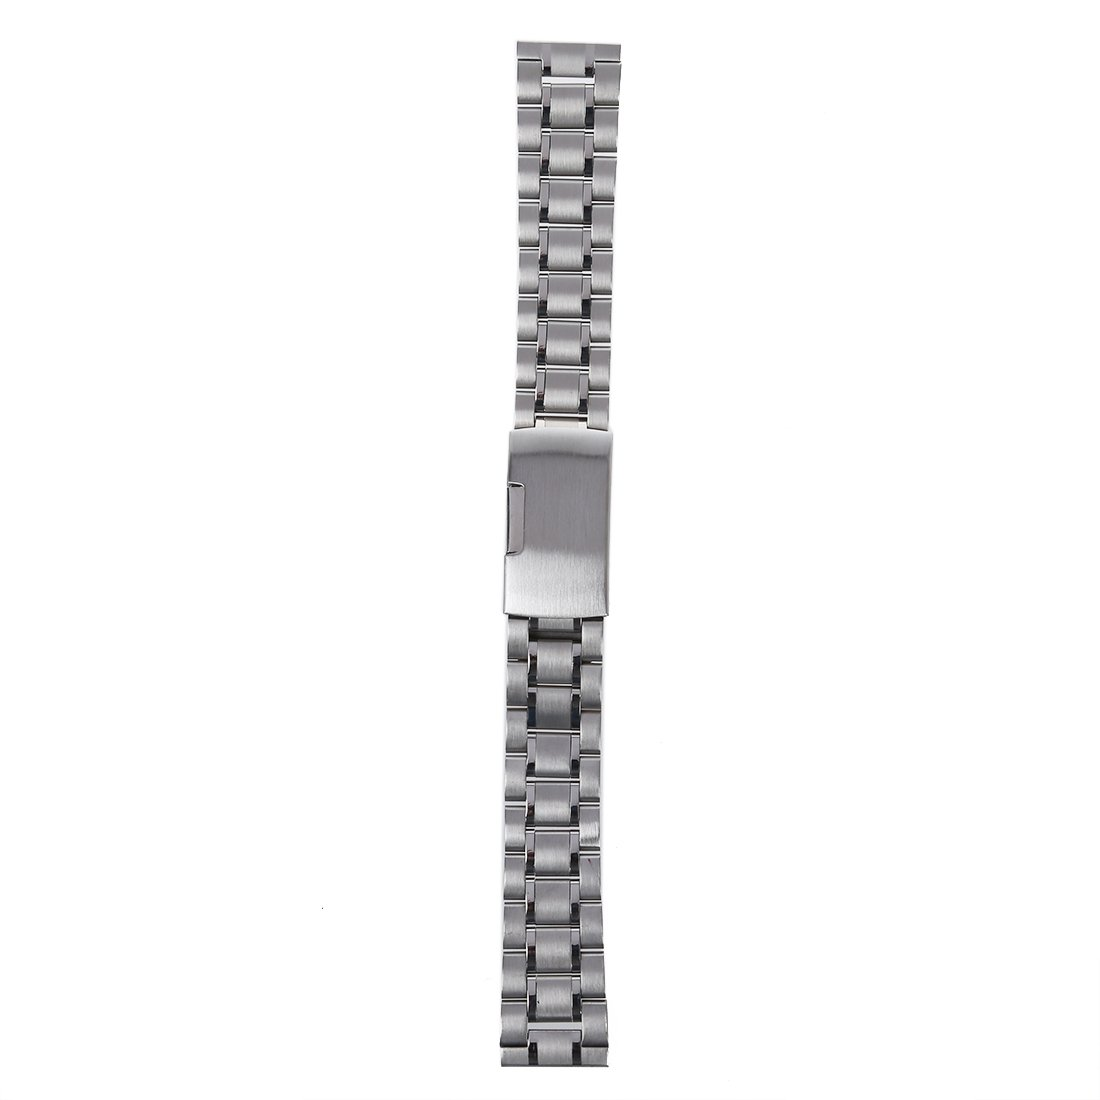 Sodial 18 mm Venda De Reloj De La Correa De Acero Inoxidable Solido Con Hebilla Del Despliegue - Color Plata: Amazon.es: Relojes